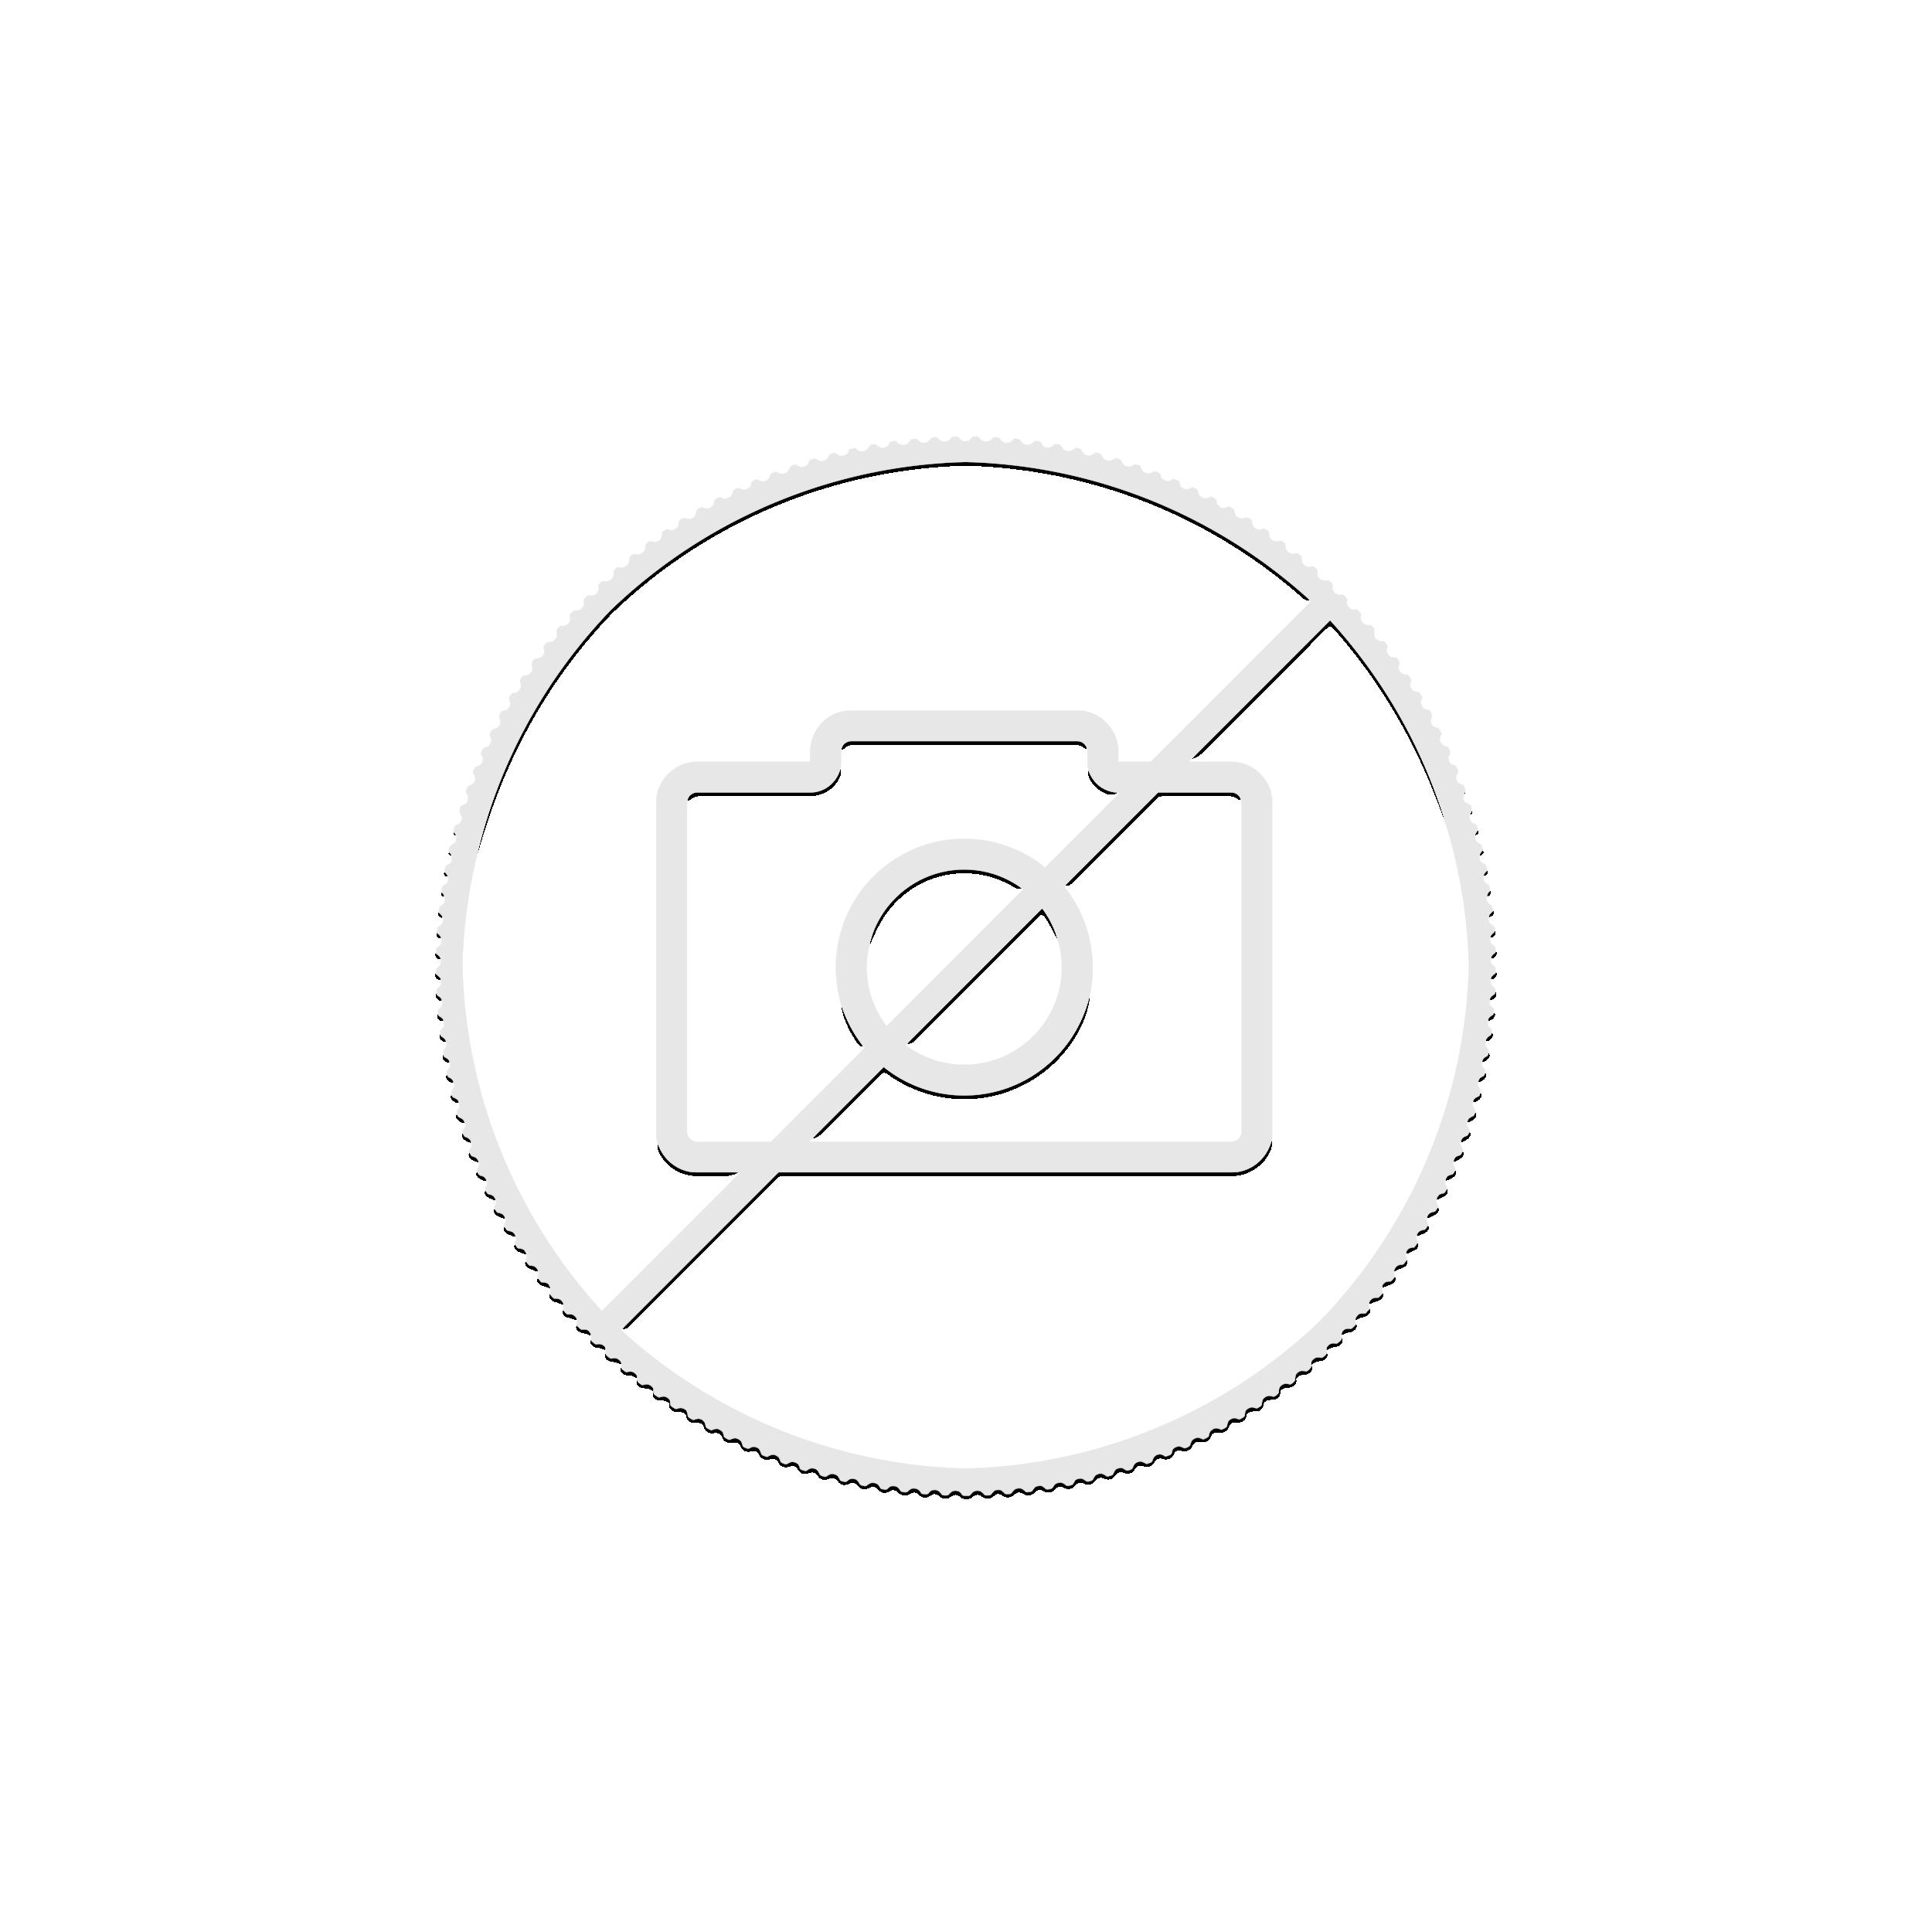 1 Troy ounce silver coin Kookaburra 2019